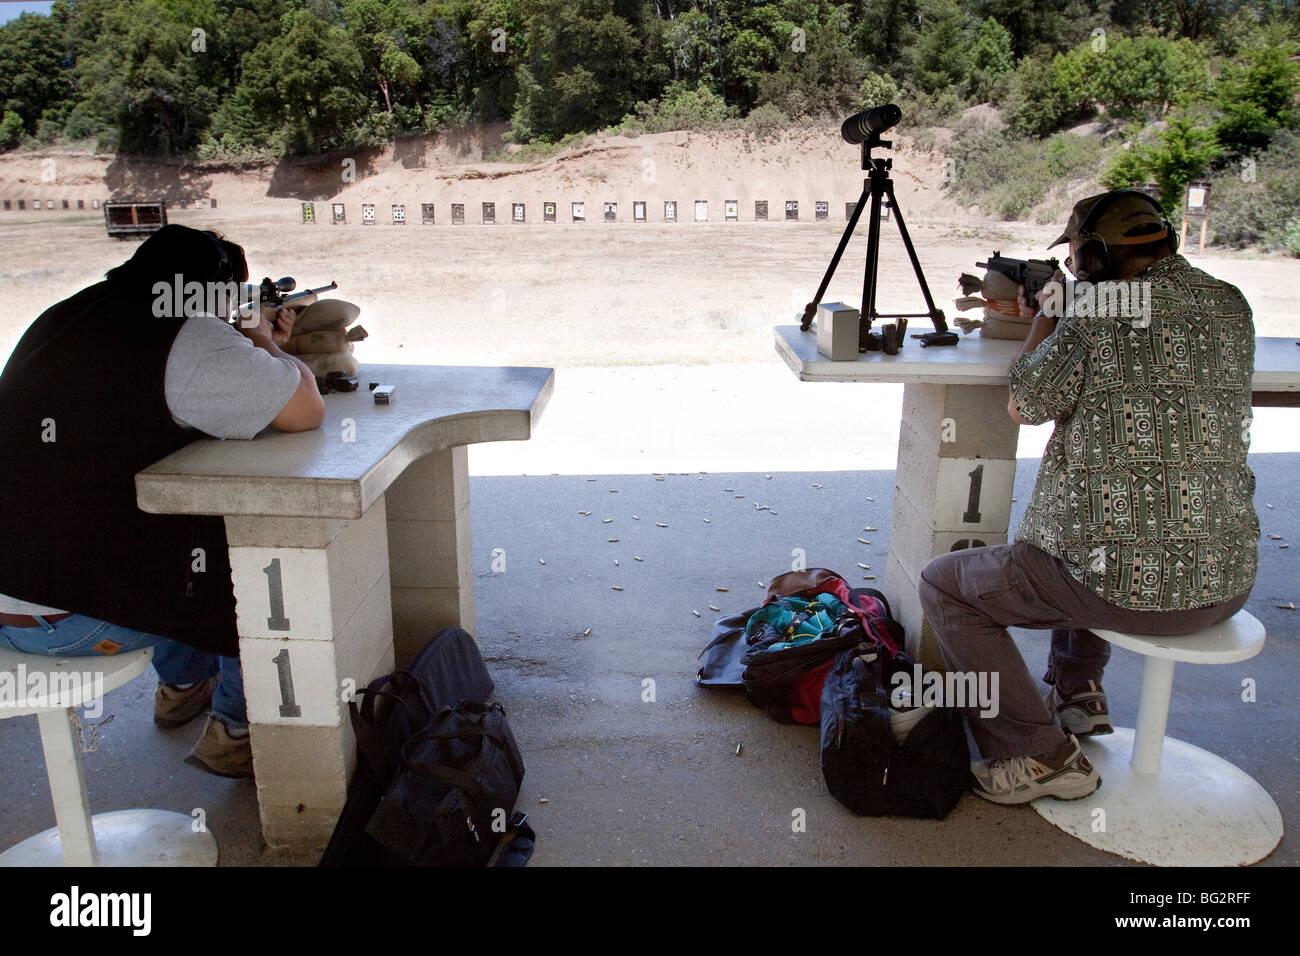 Deux hommes le tir sur cible avec Ruger 10/22 rifles au Los Altos Club de chasse et de tir en plein air Photo Stock